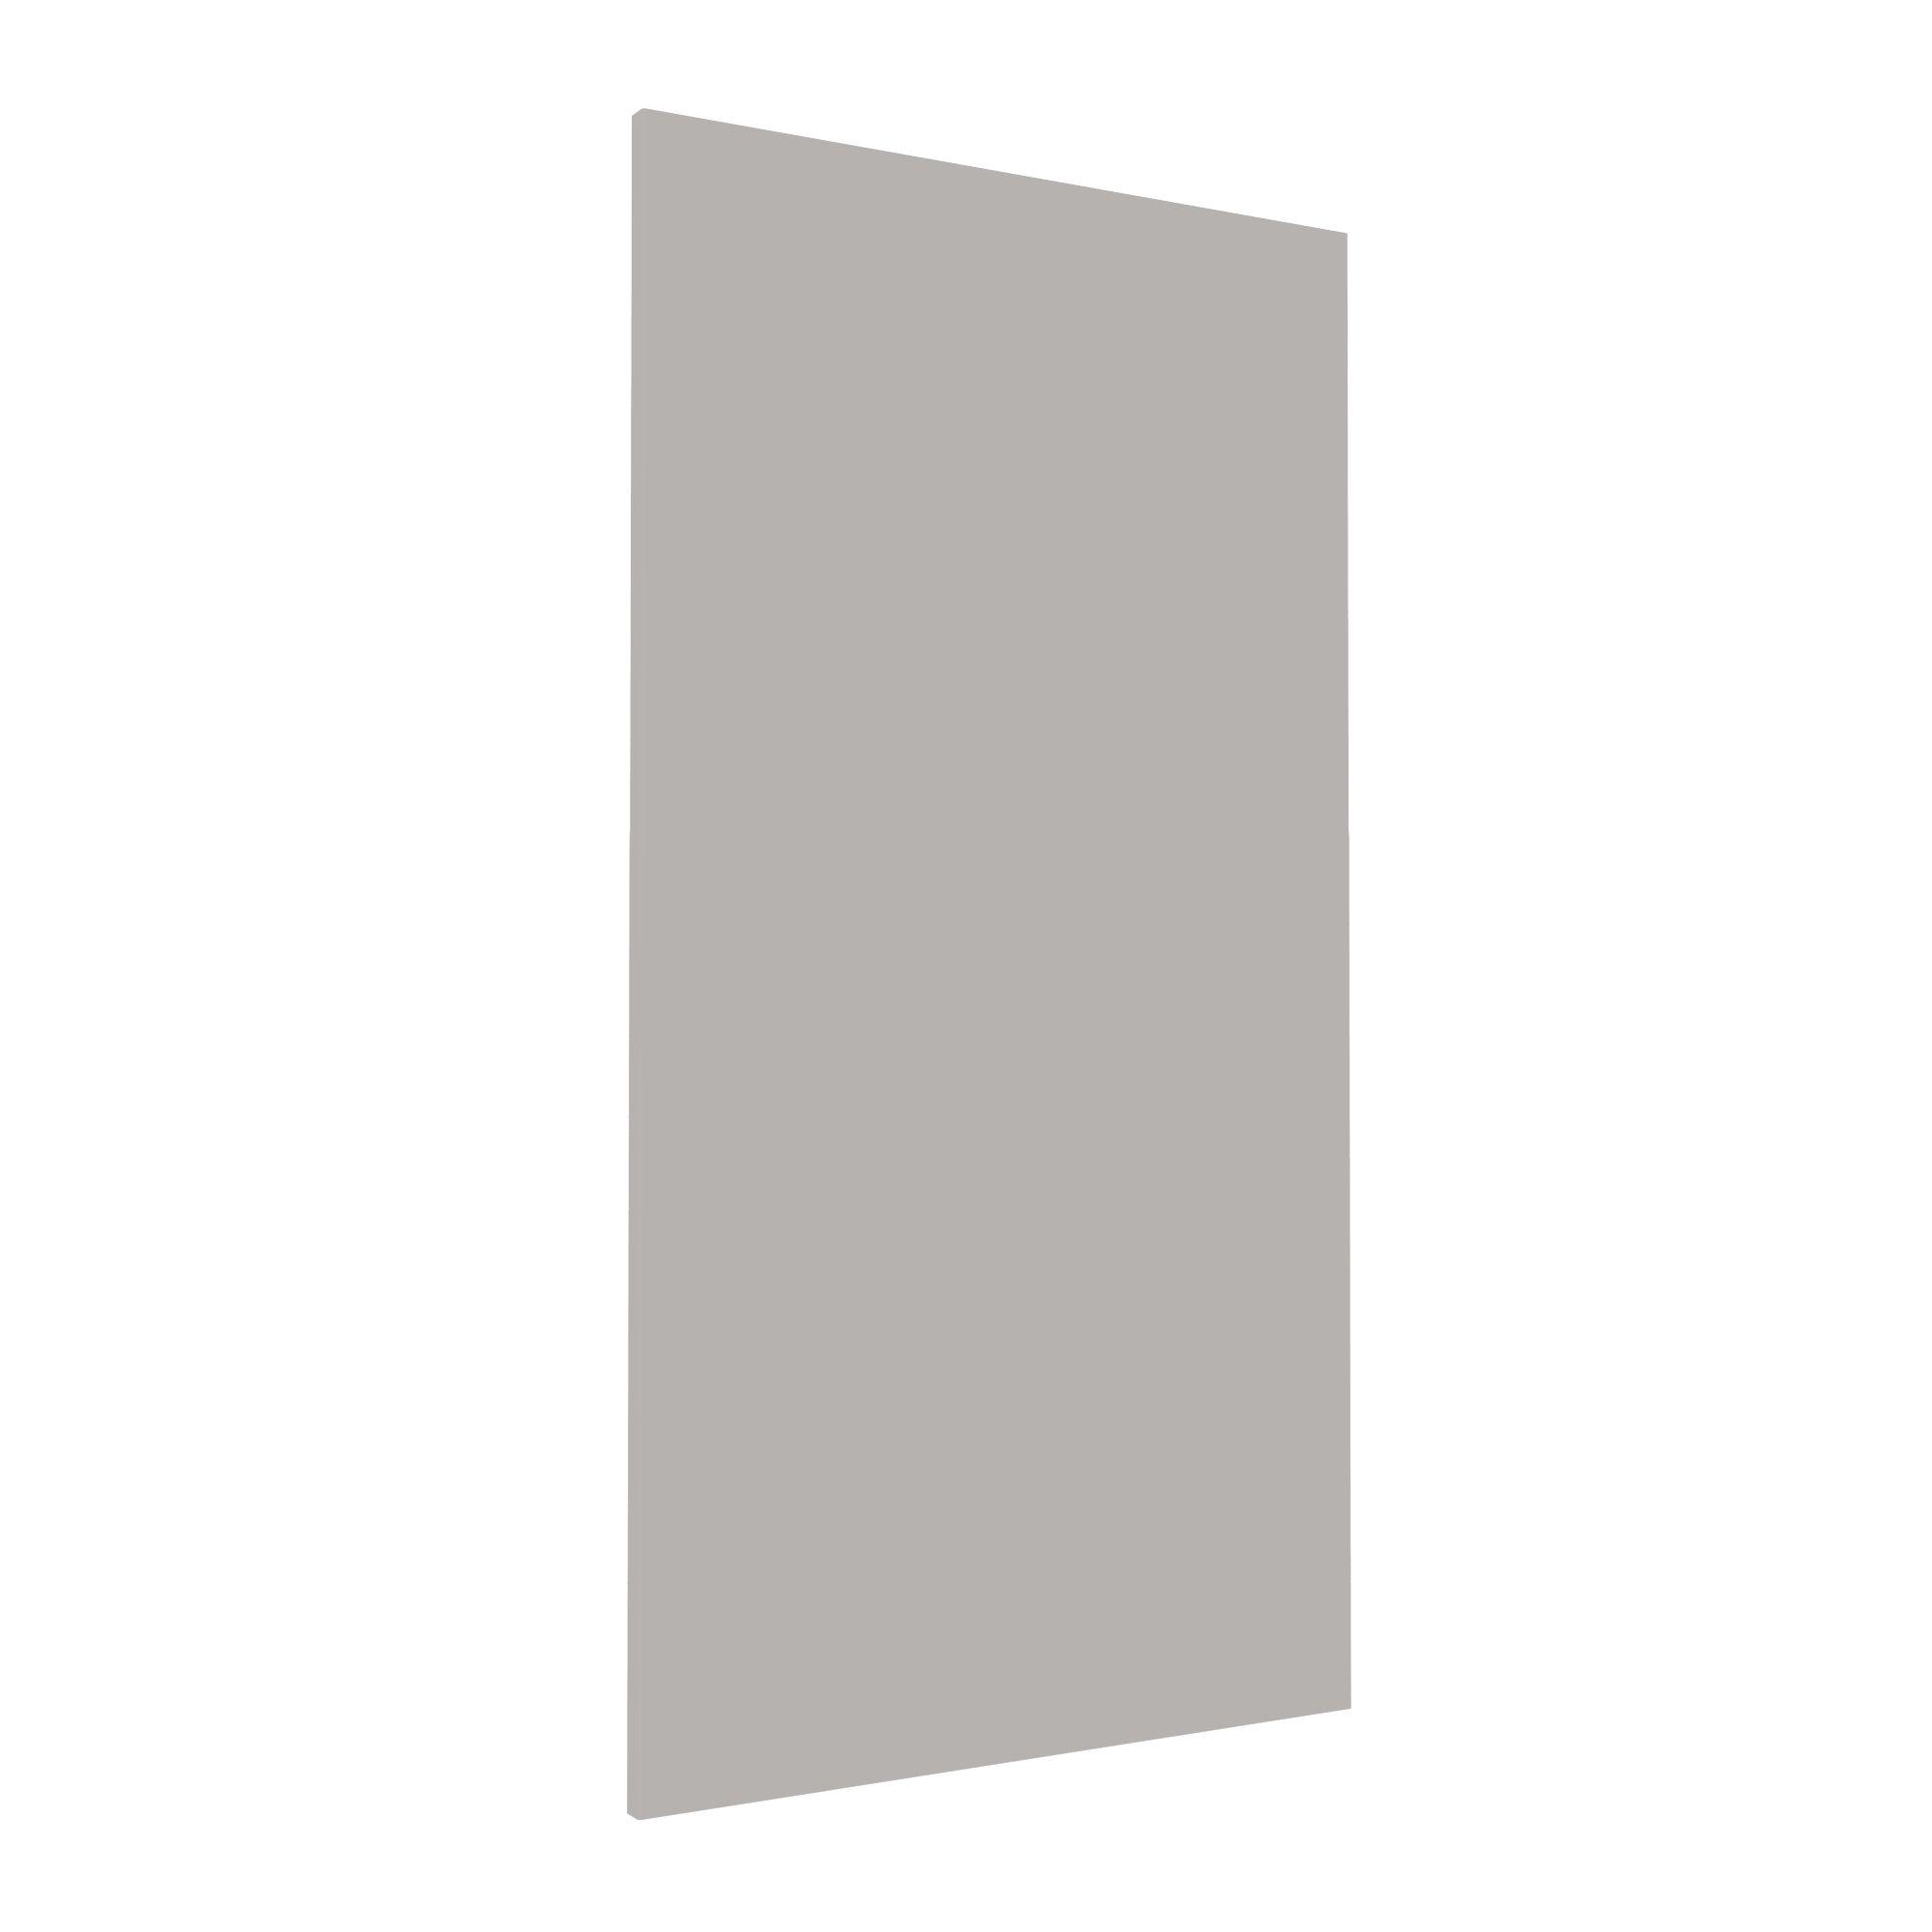 Darwin Modular Grey & Matt Chest Cabinet Door (h)958mm (w)497mm (d)16mm